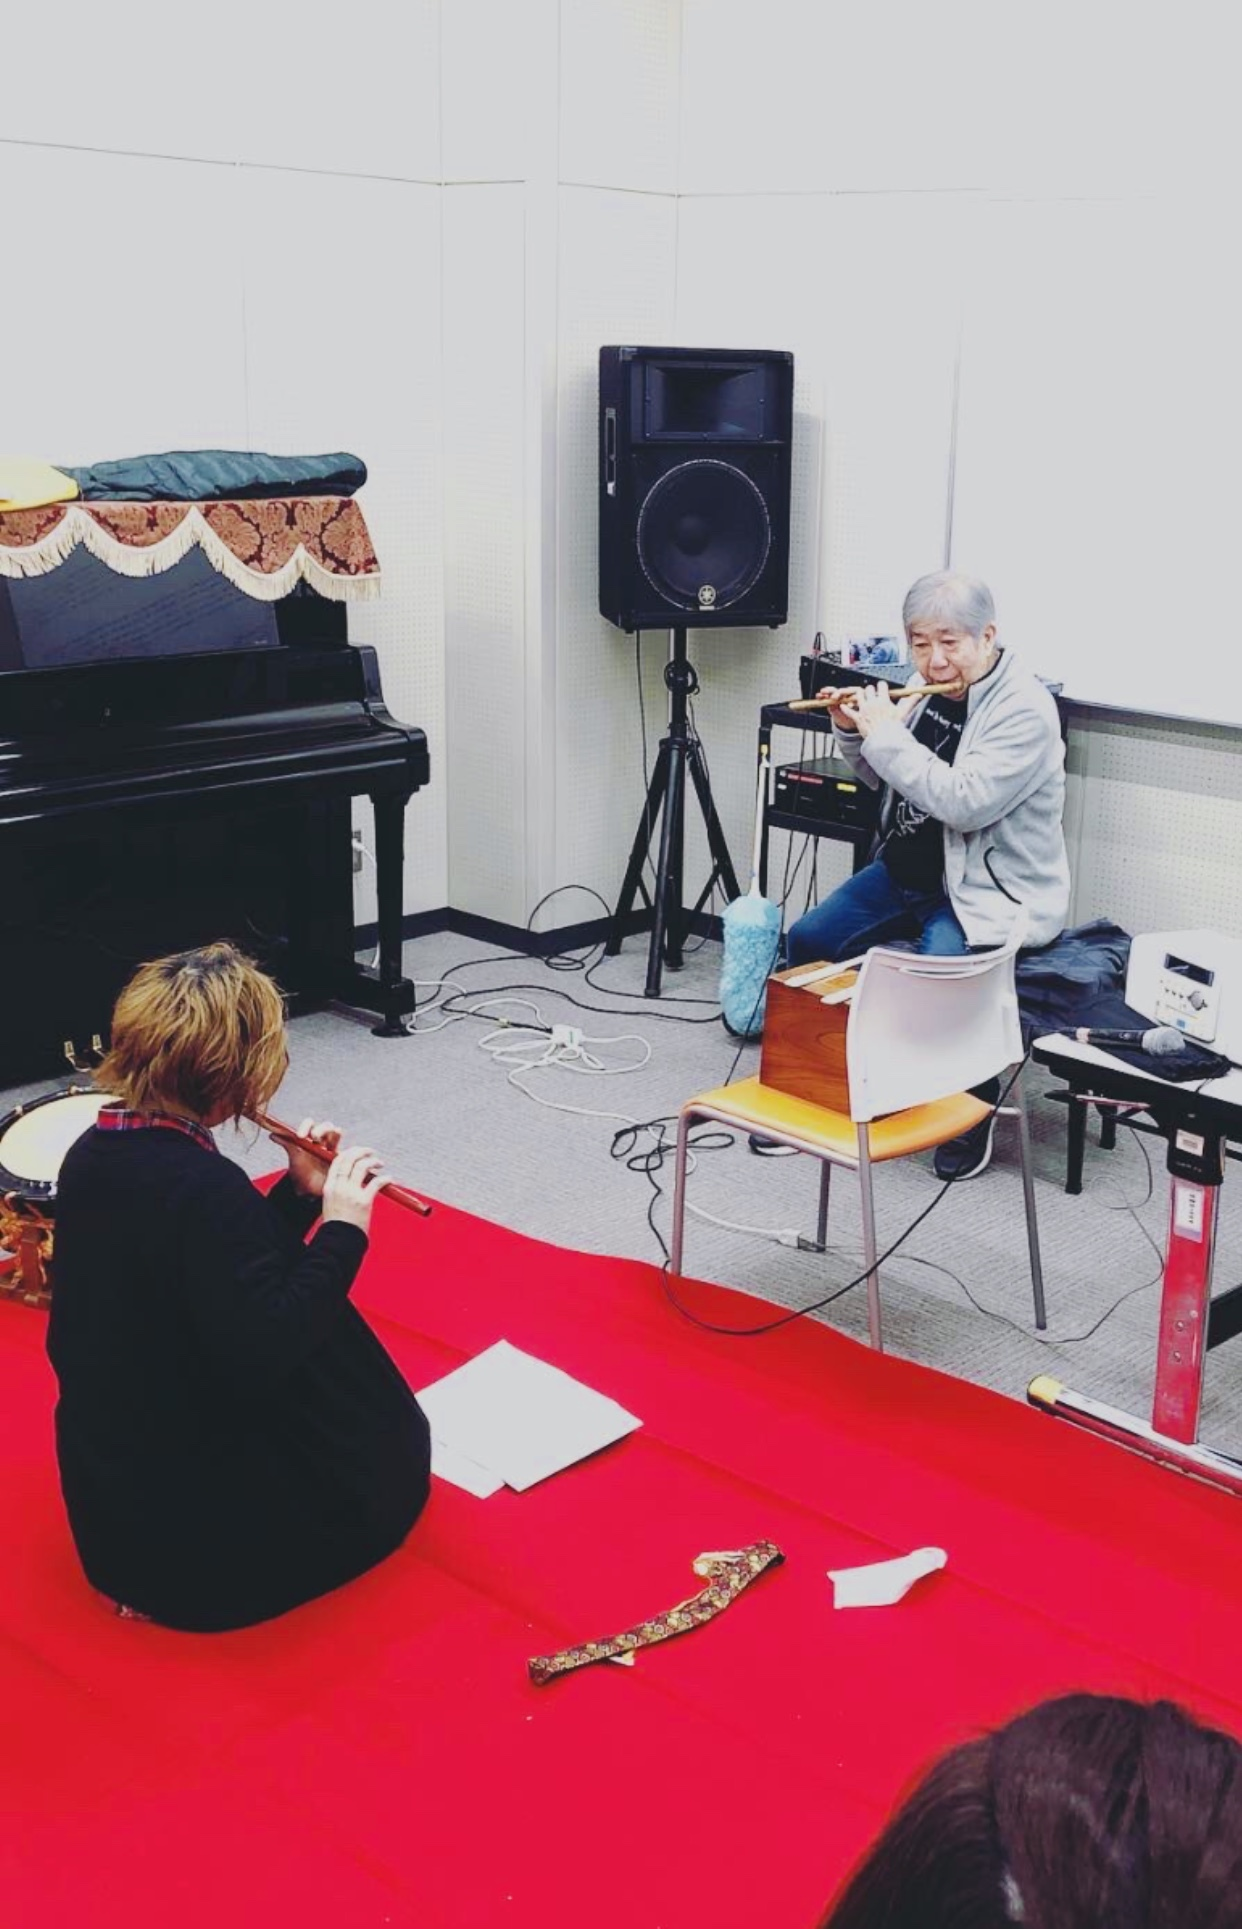 【邦楽キナコ録 25】篠笛はじめました。_f0115311_06221259.jpeg